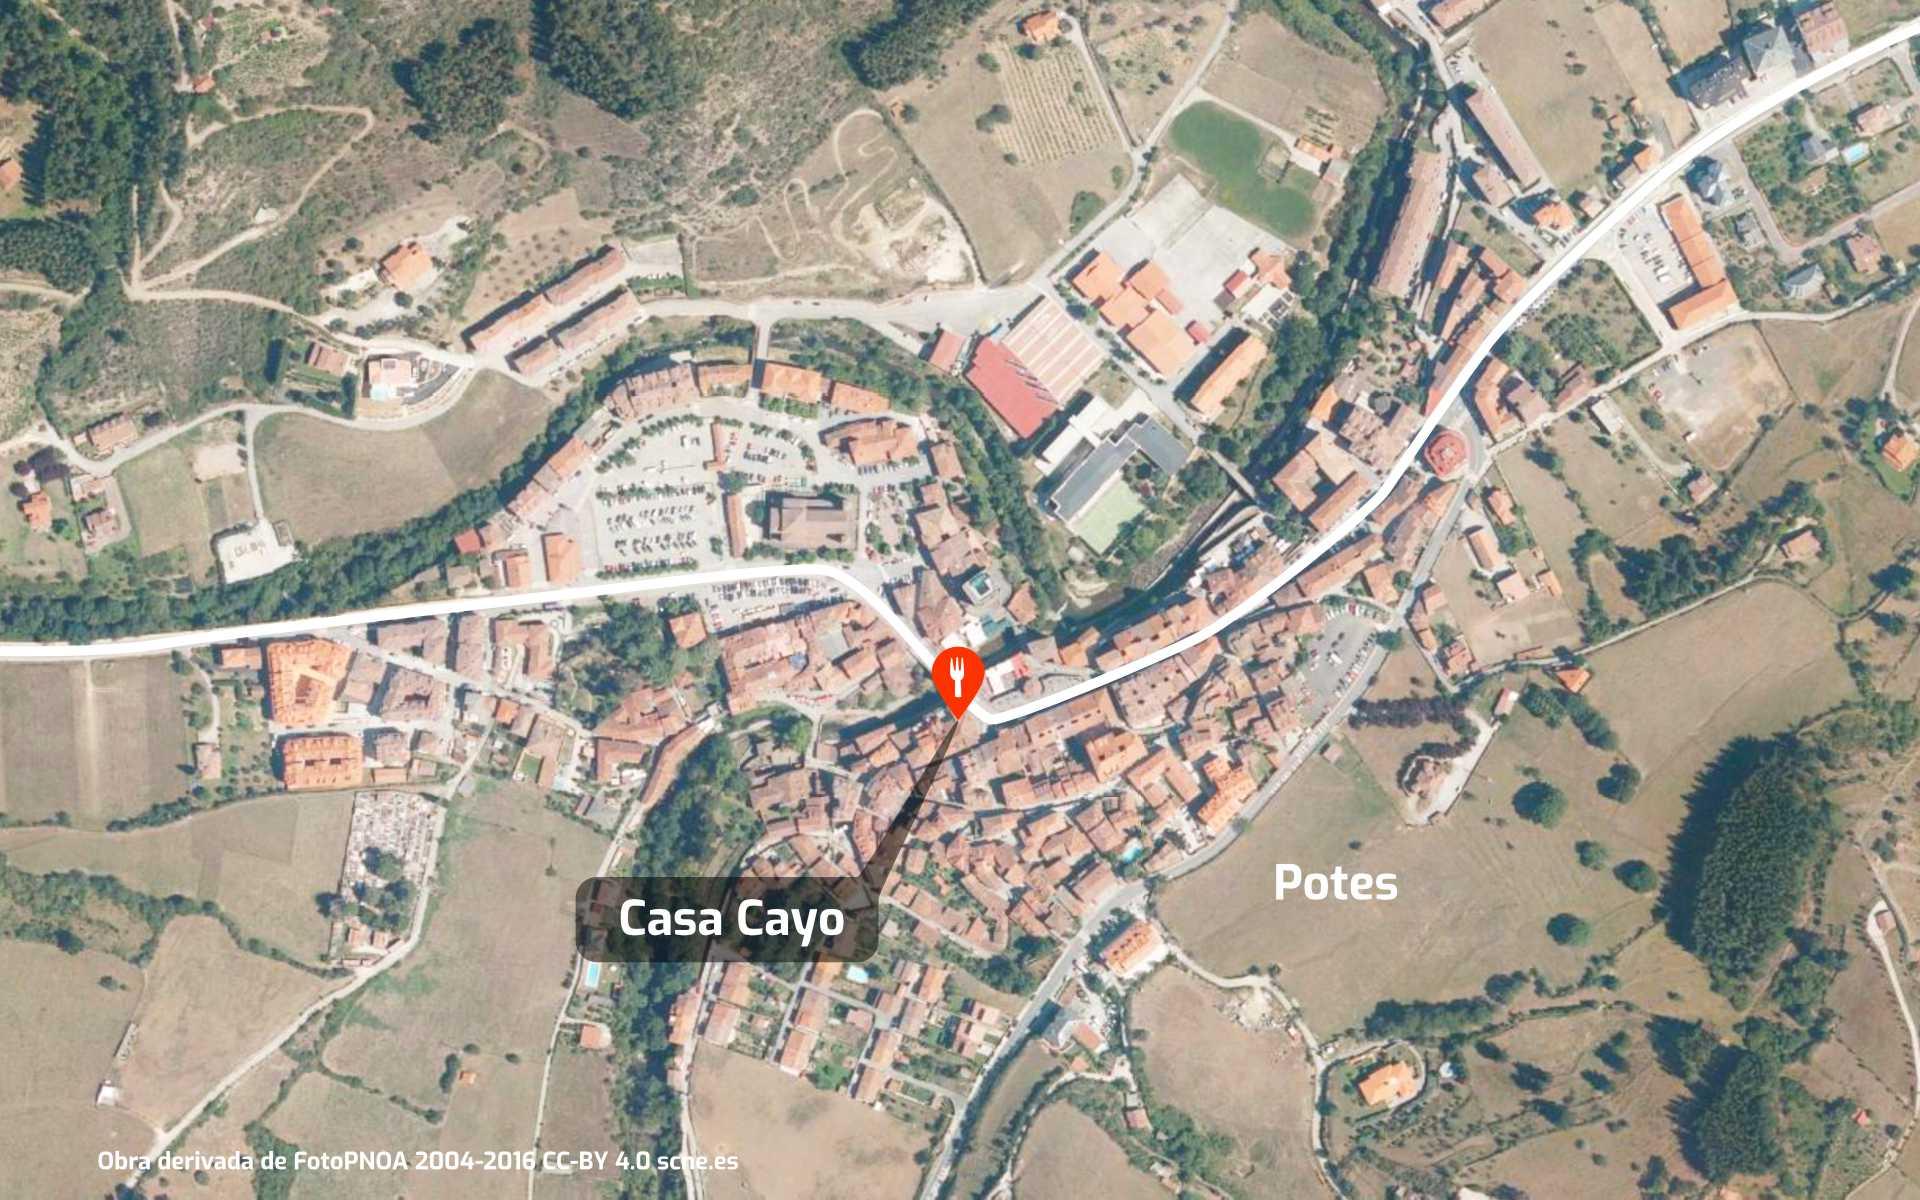 Mapa de cómo llegar al restaurante Casa Cayo en Potes, Cantabria